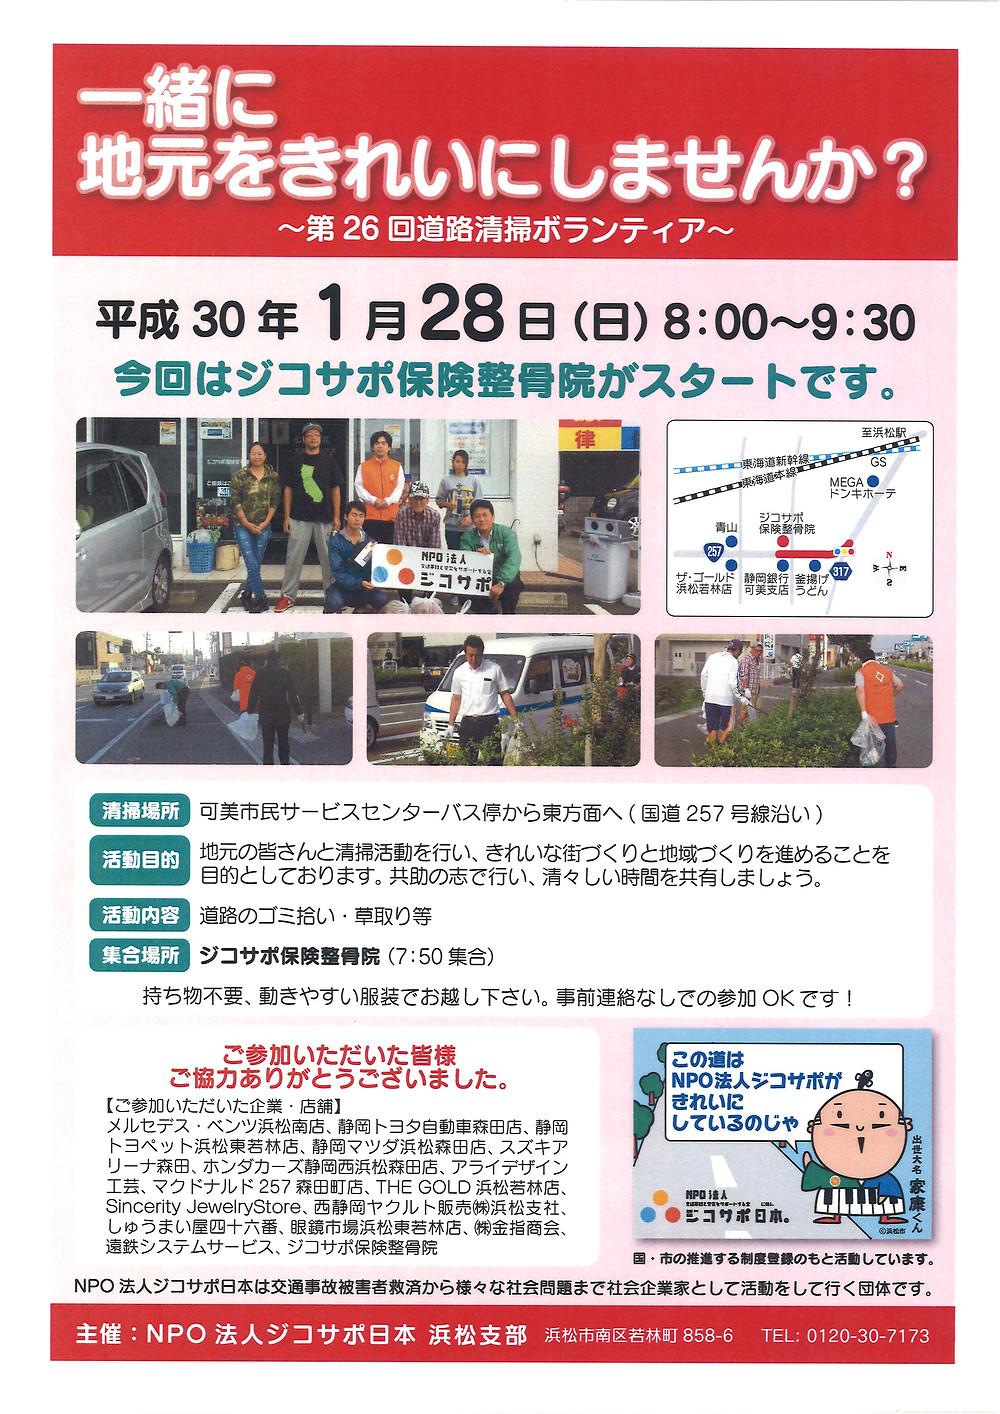 ジコサポ浜松の道路清掃活動